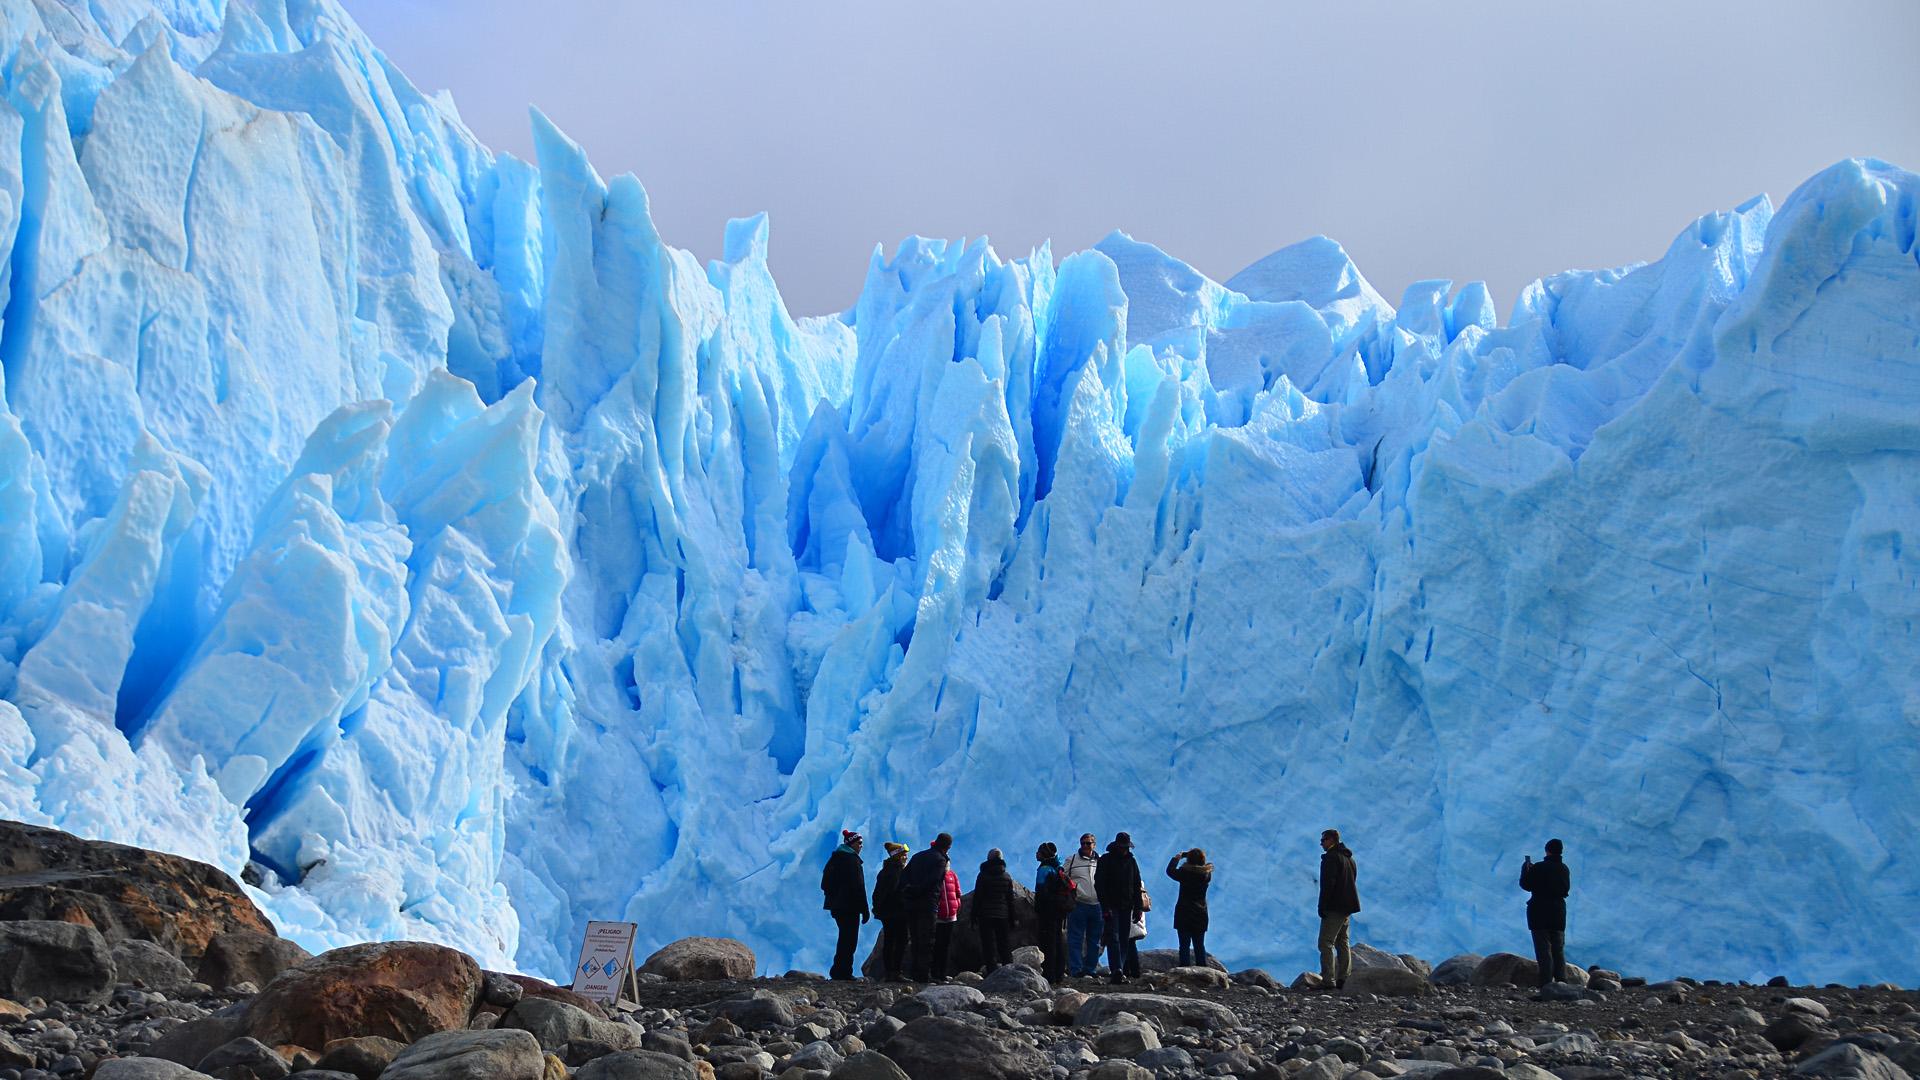 El Glaciar Perito Moreno es la octava maravilla del mundo y forma parte del el Parque Nacional Los Glaciares. Juntos,. forman el Hielo Continental Patagónico, con una extensión de 17.000 kilómetros, que es una de las reservas de agua dulce más importante del mundo